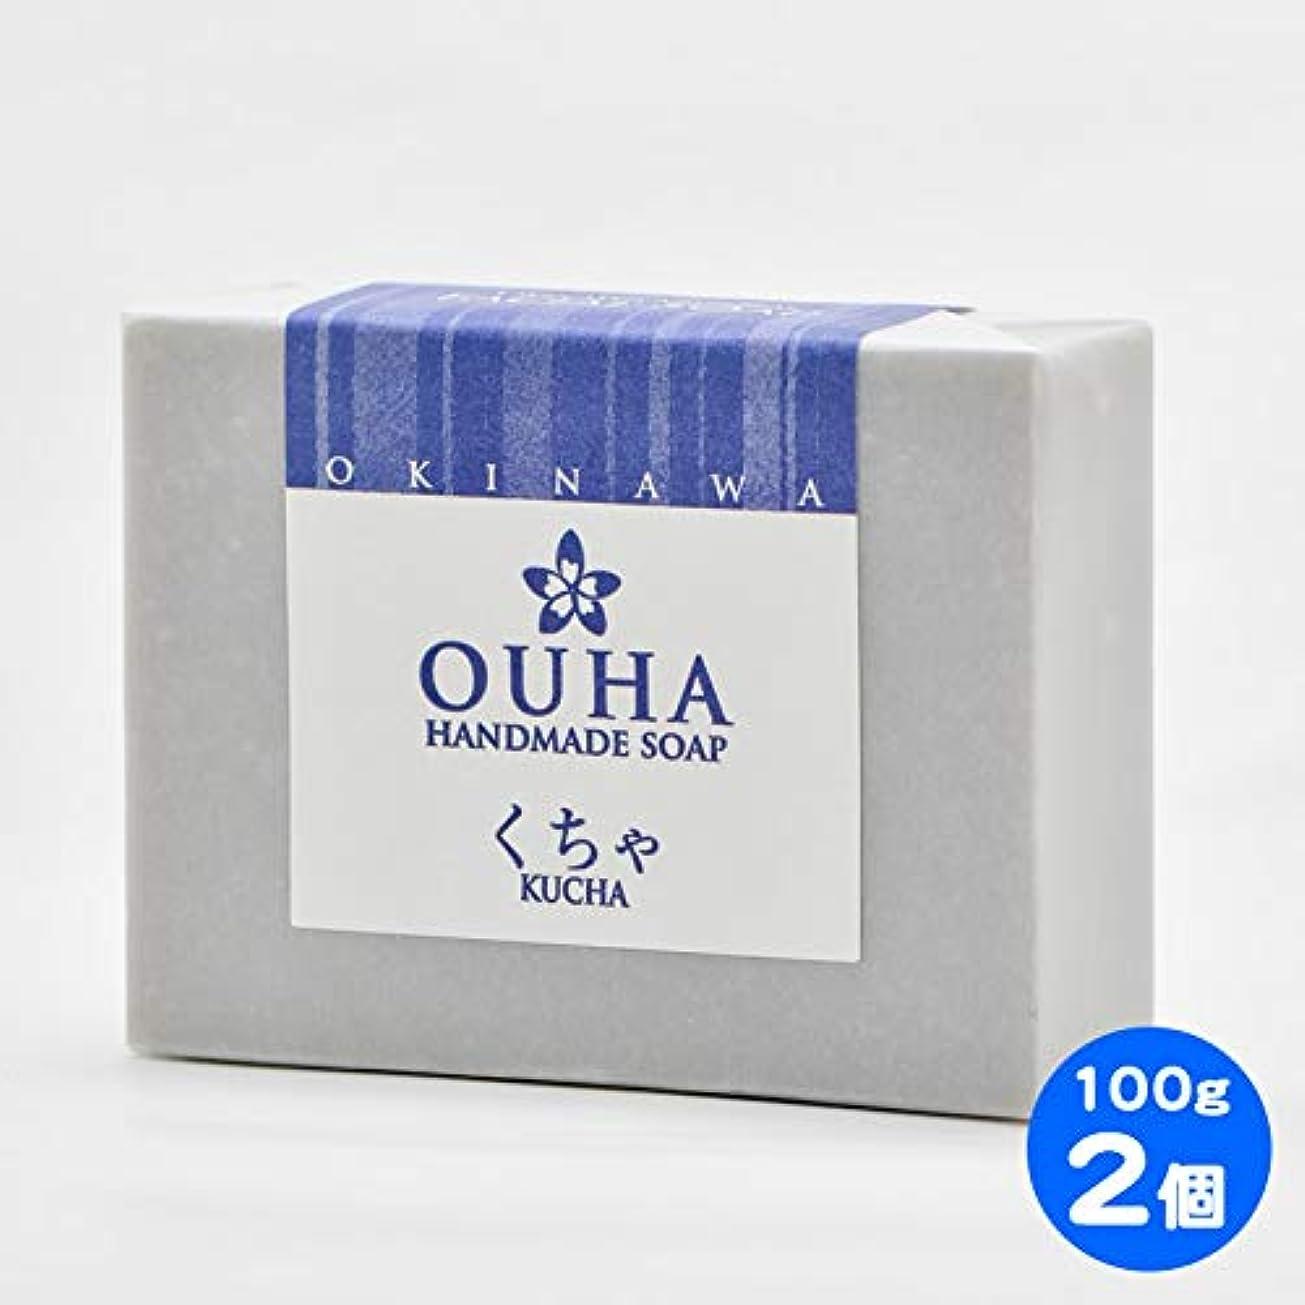 ラップアコード出席する【送料無料 定形外郵便】沖縄県産 OUHAソープ くちゃ 石鹸 100g 2個セット